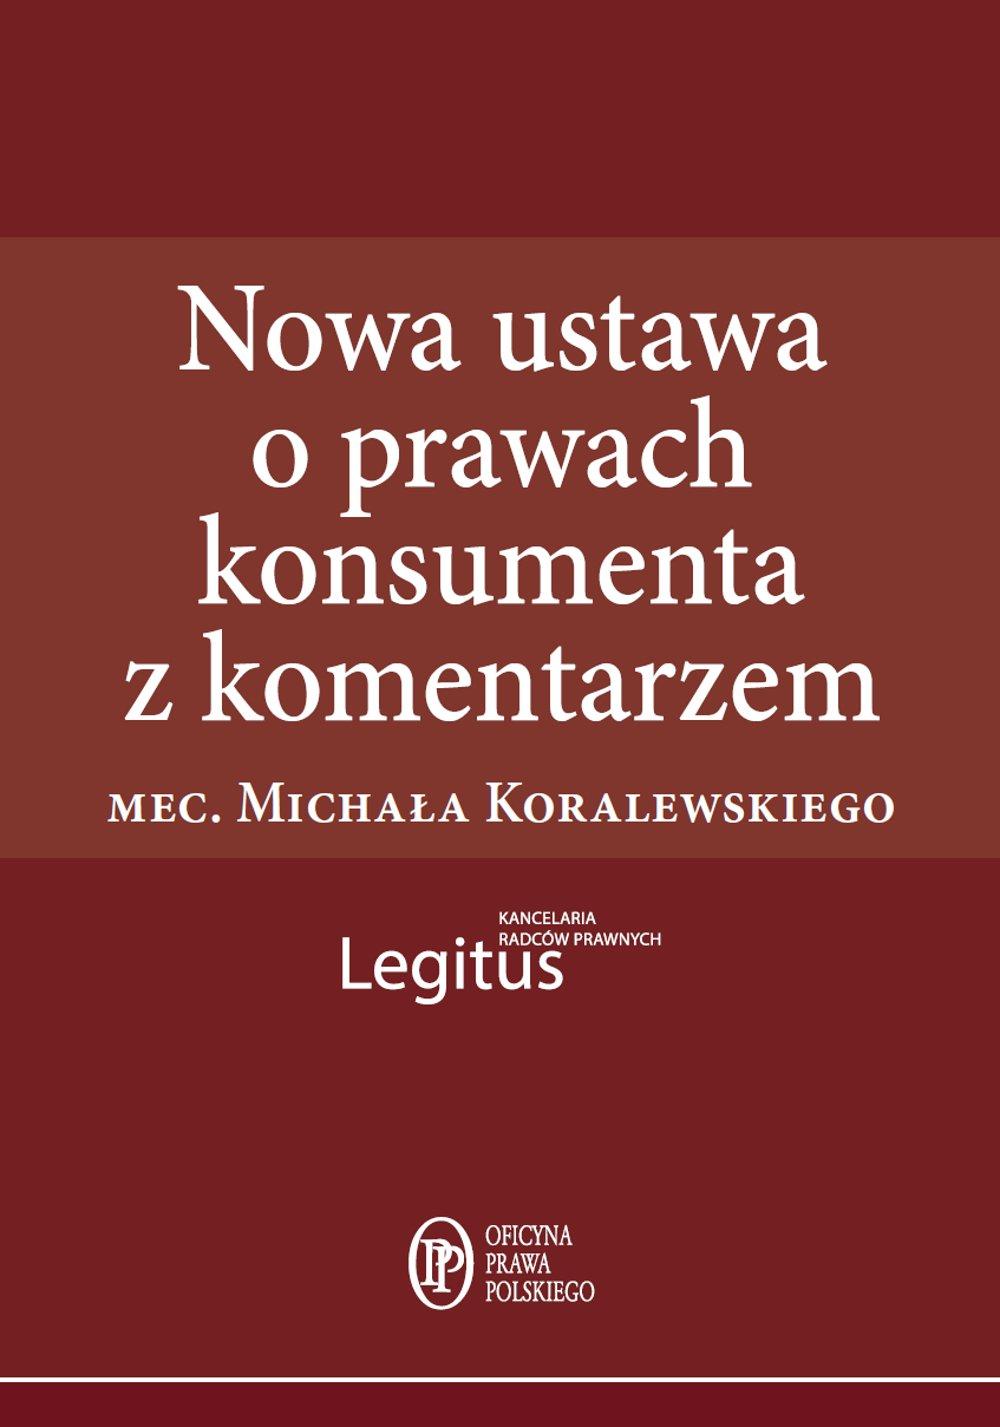 Nowa ustawa o prawach konsumenta z komentarzem - Ebook (Książka PDF) do pobrania w formacie PDF